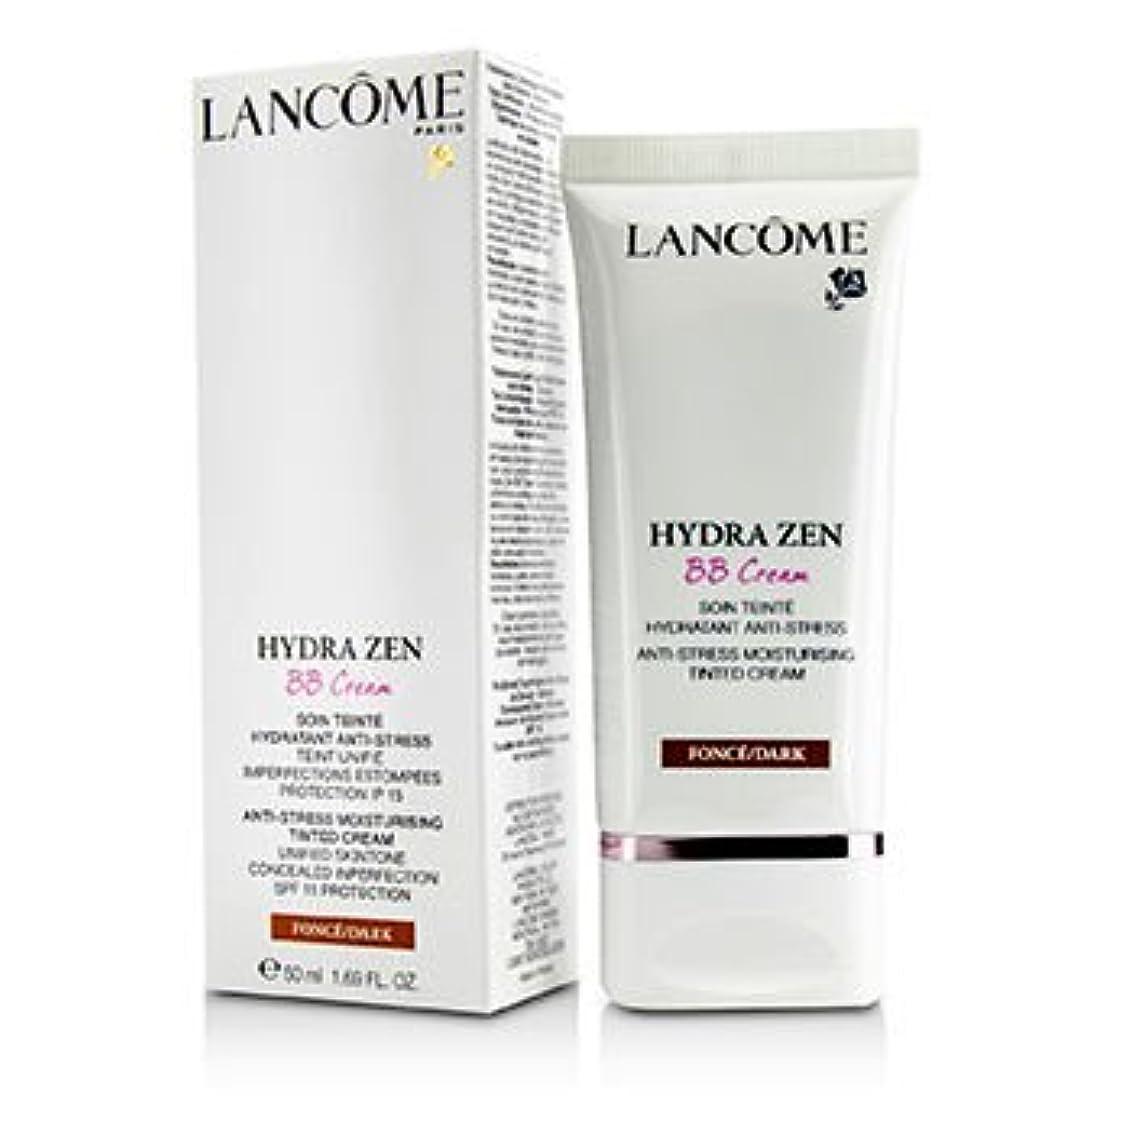 暫定のためらうスピン[Lancome] Lancome Hydra Zen (BB Cream) Anti-Stress Moisturising Tinted Cream SPF 15 - # Dark 50ml/1.69oz